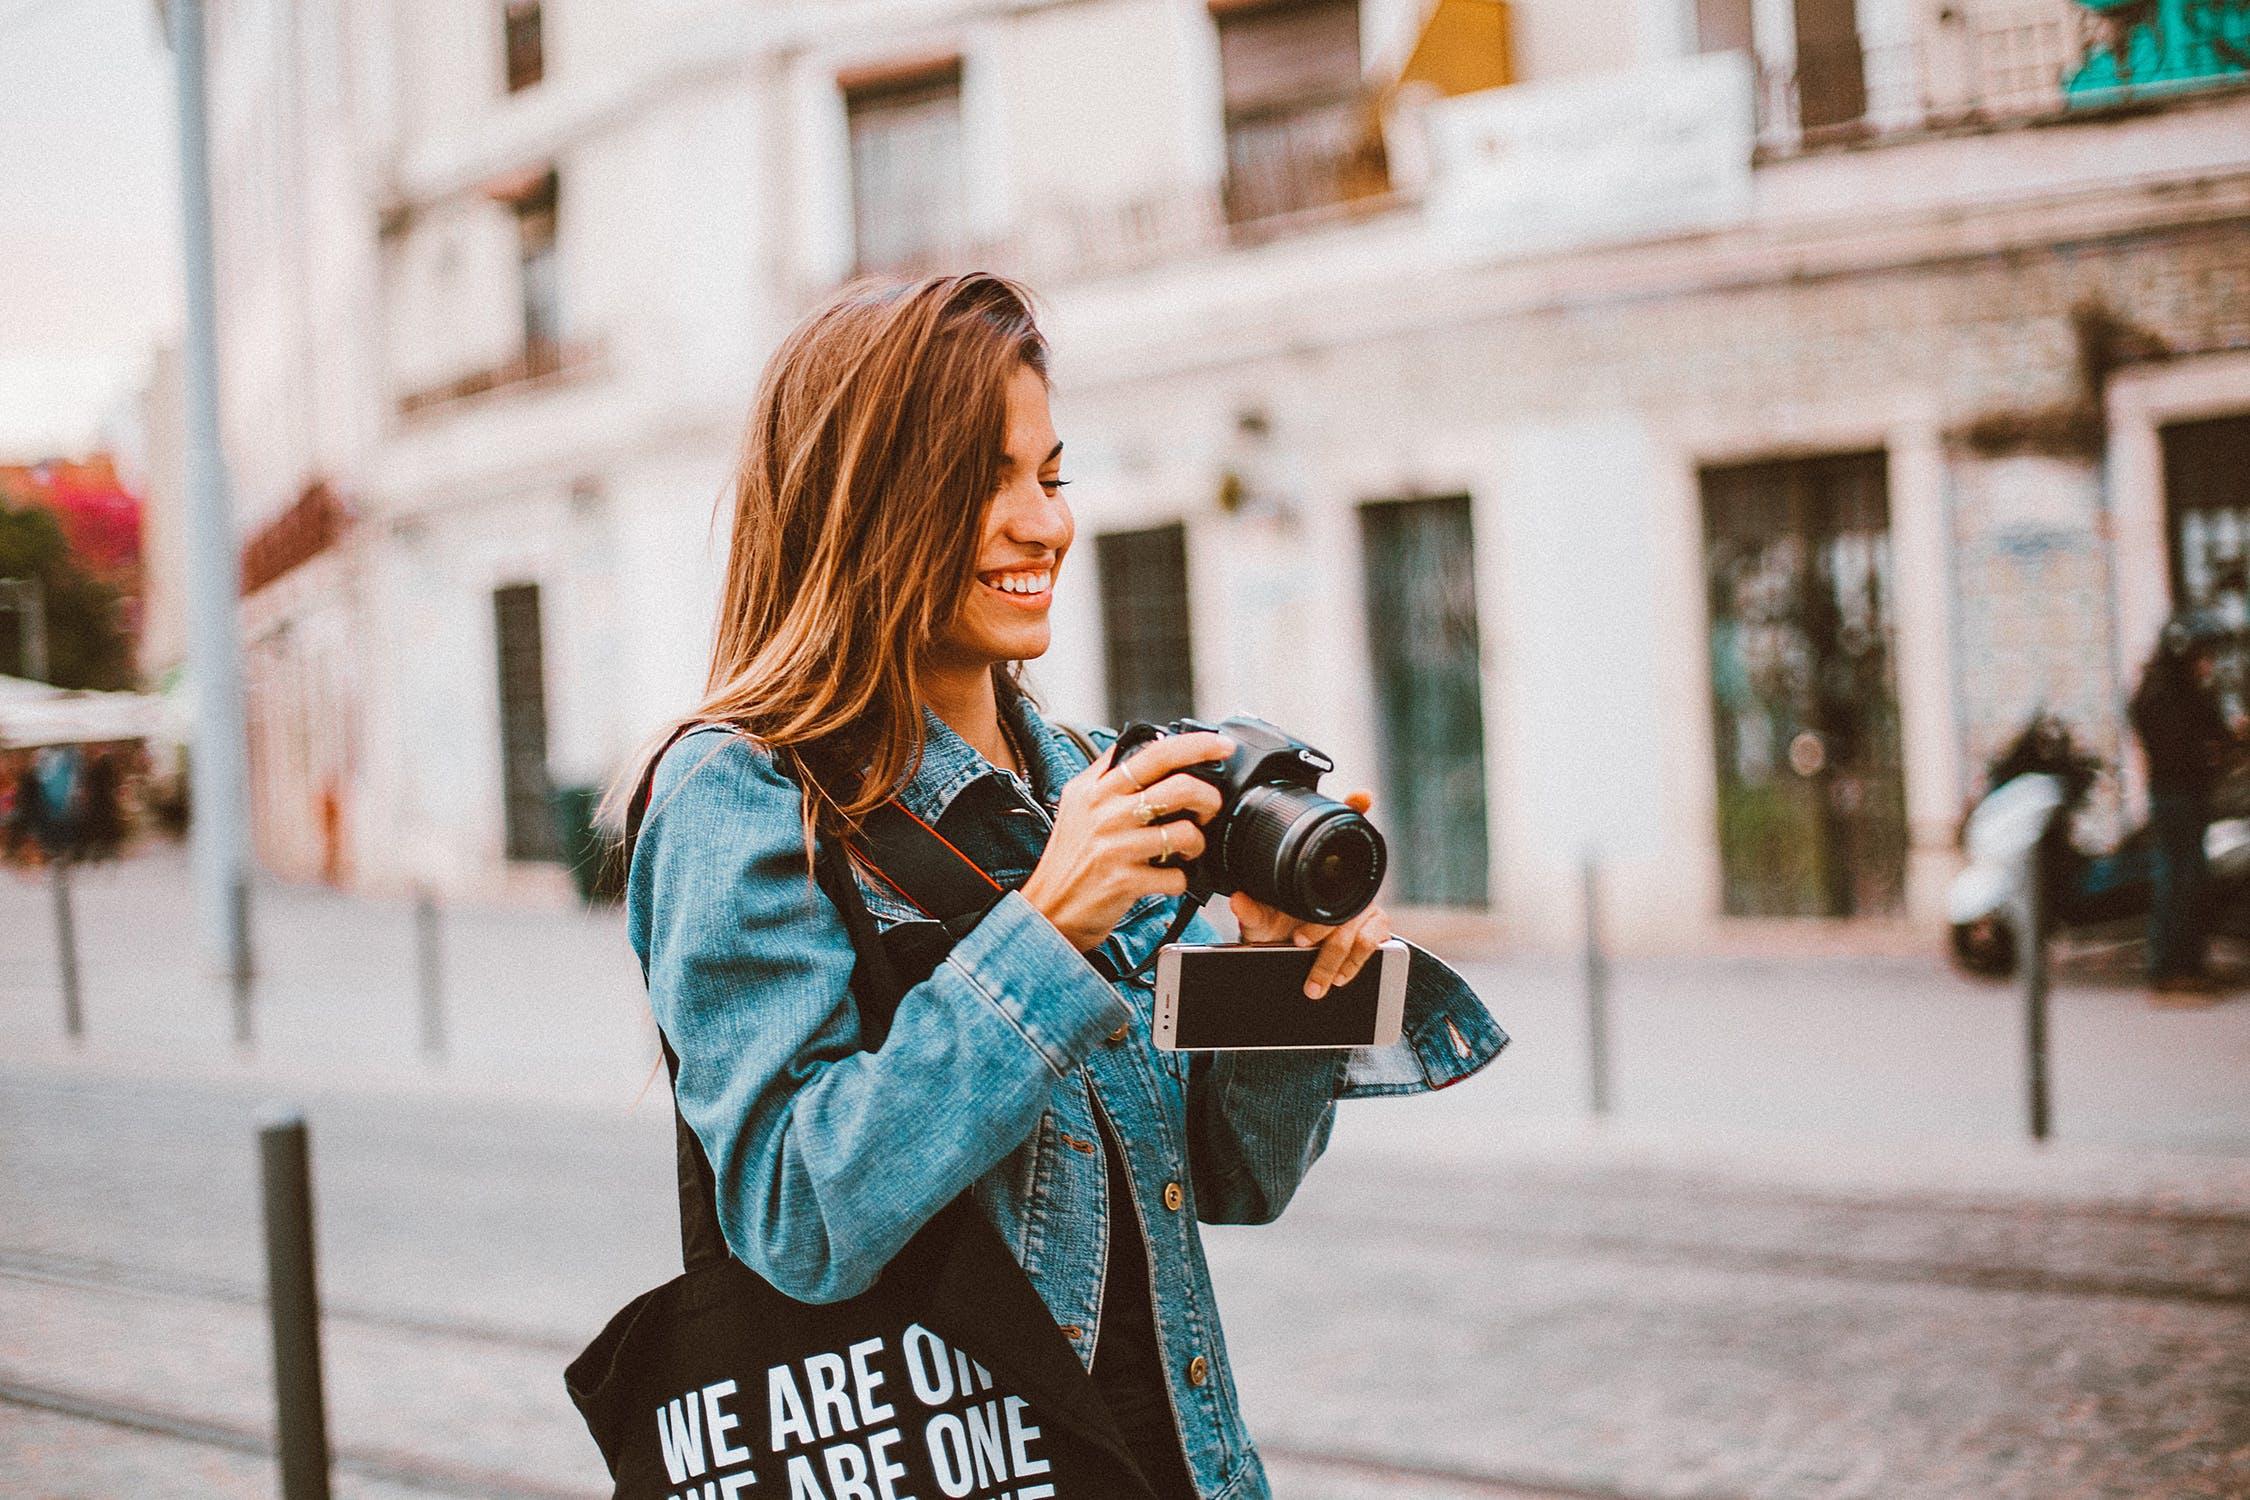 10 cidades globais preparadas para mulheres que viajam sozinhas